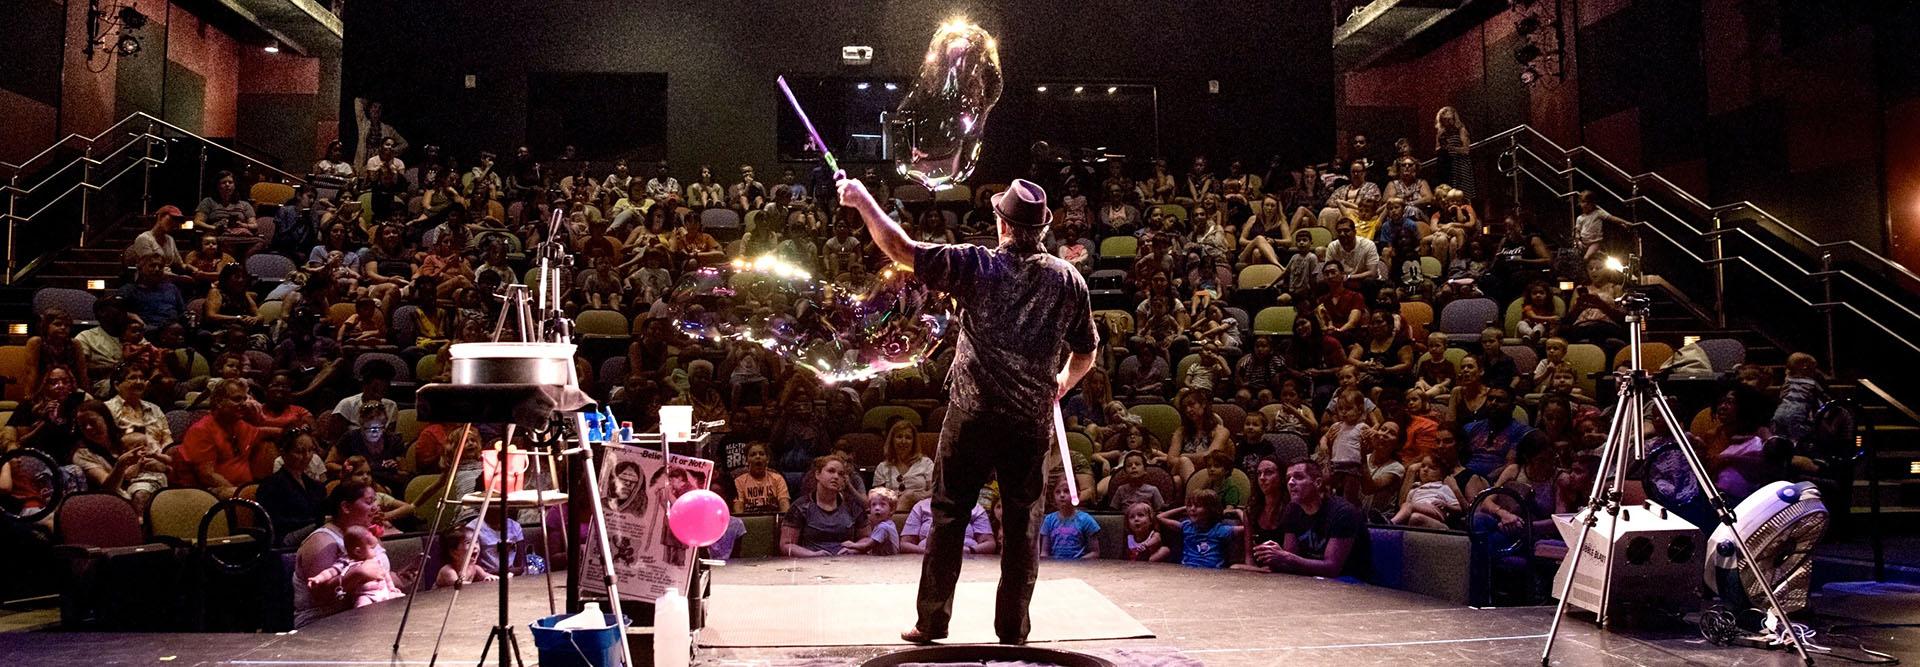 Steve Performing Indoors